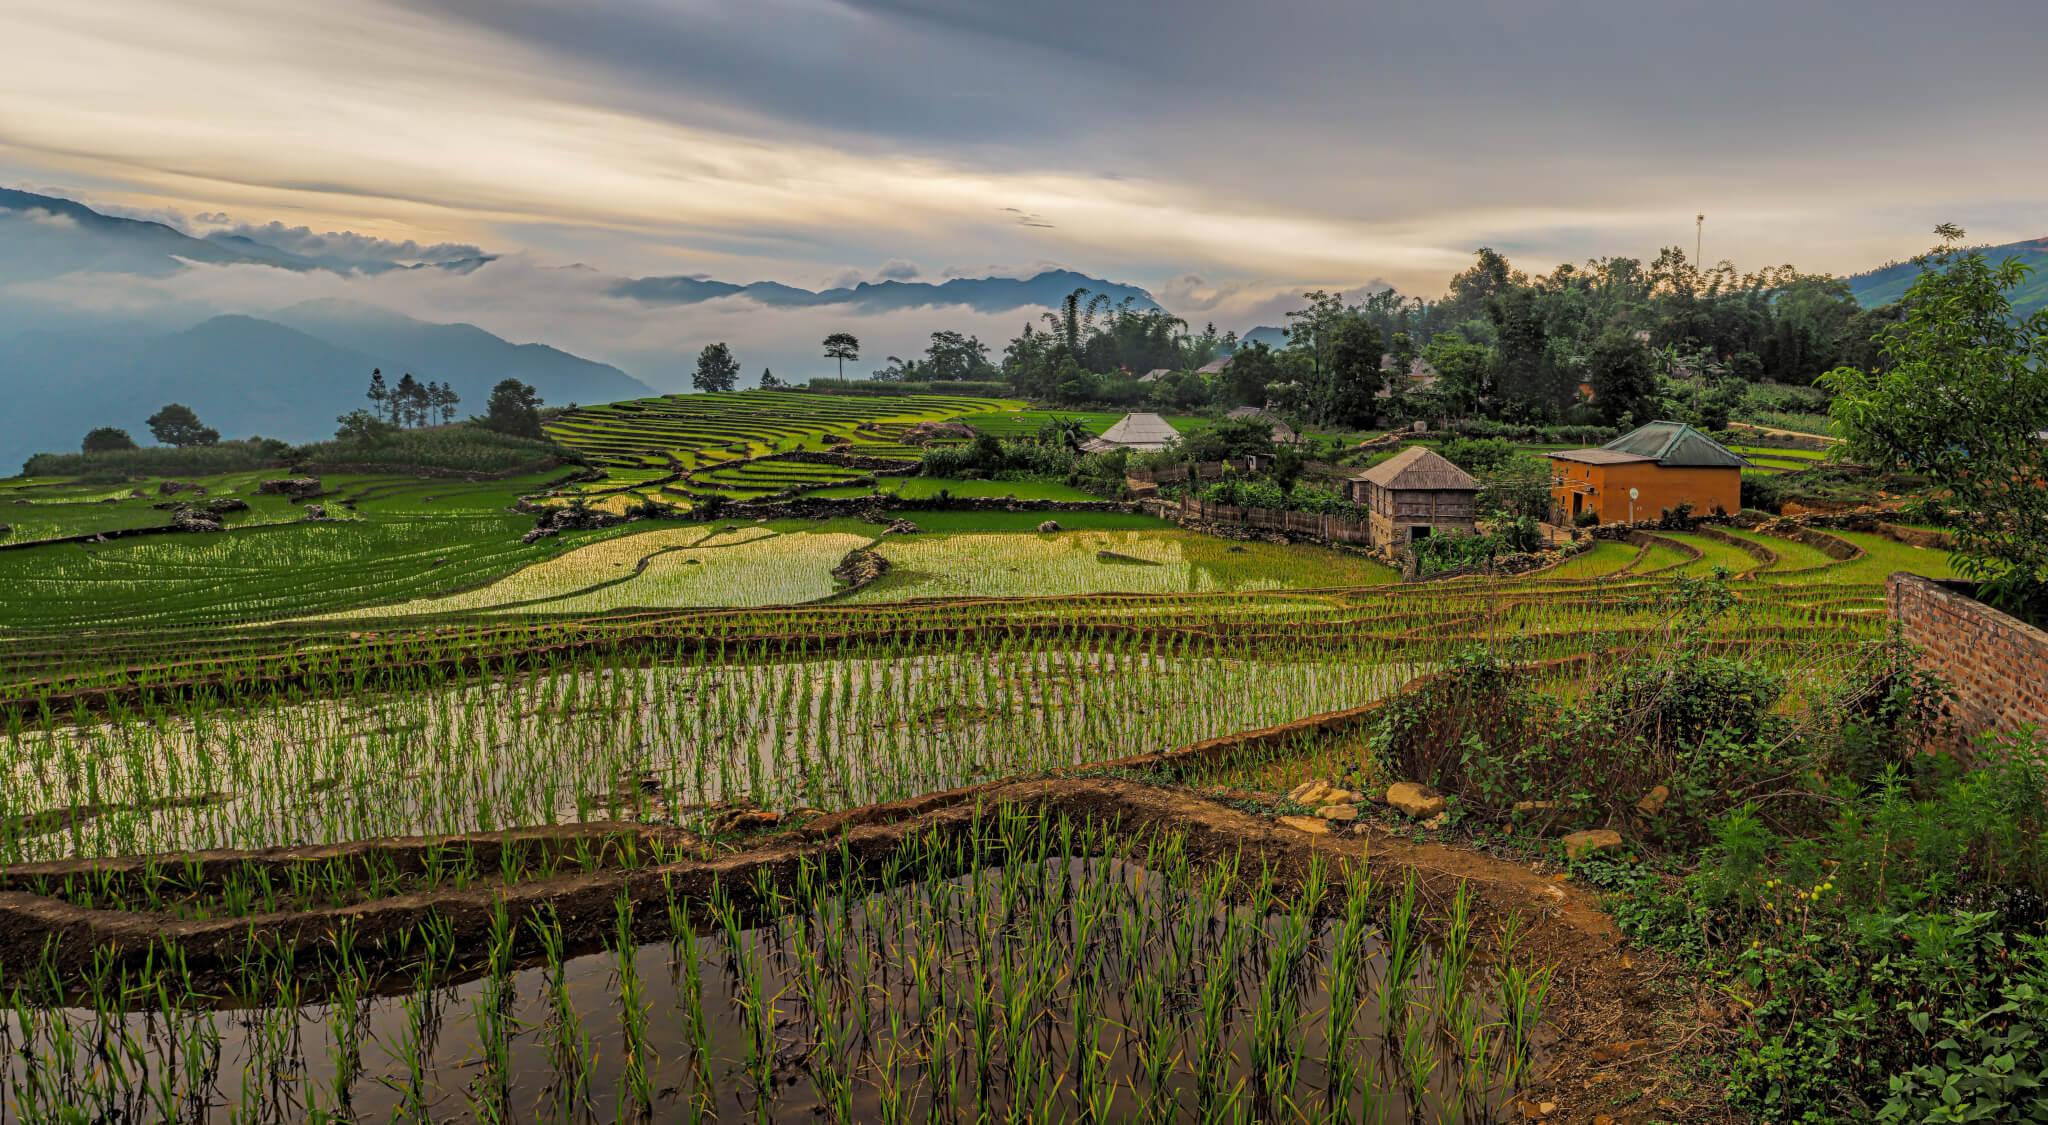 peter hammer 523046 unsplash - Impressionen Vietnams